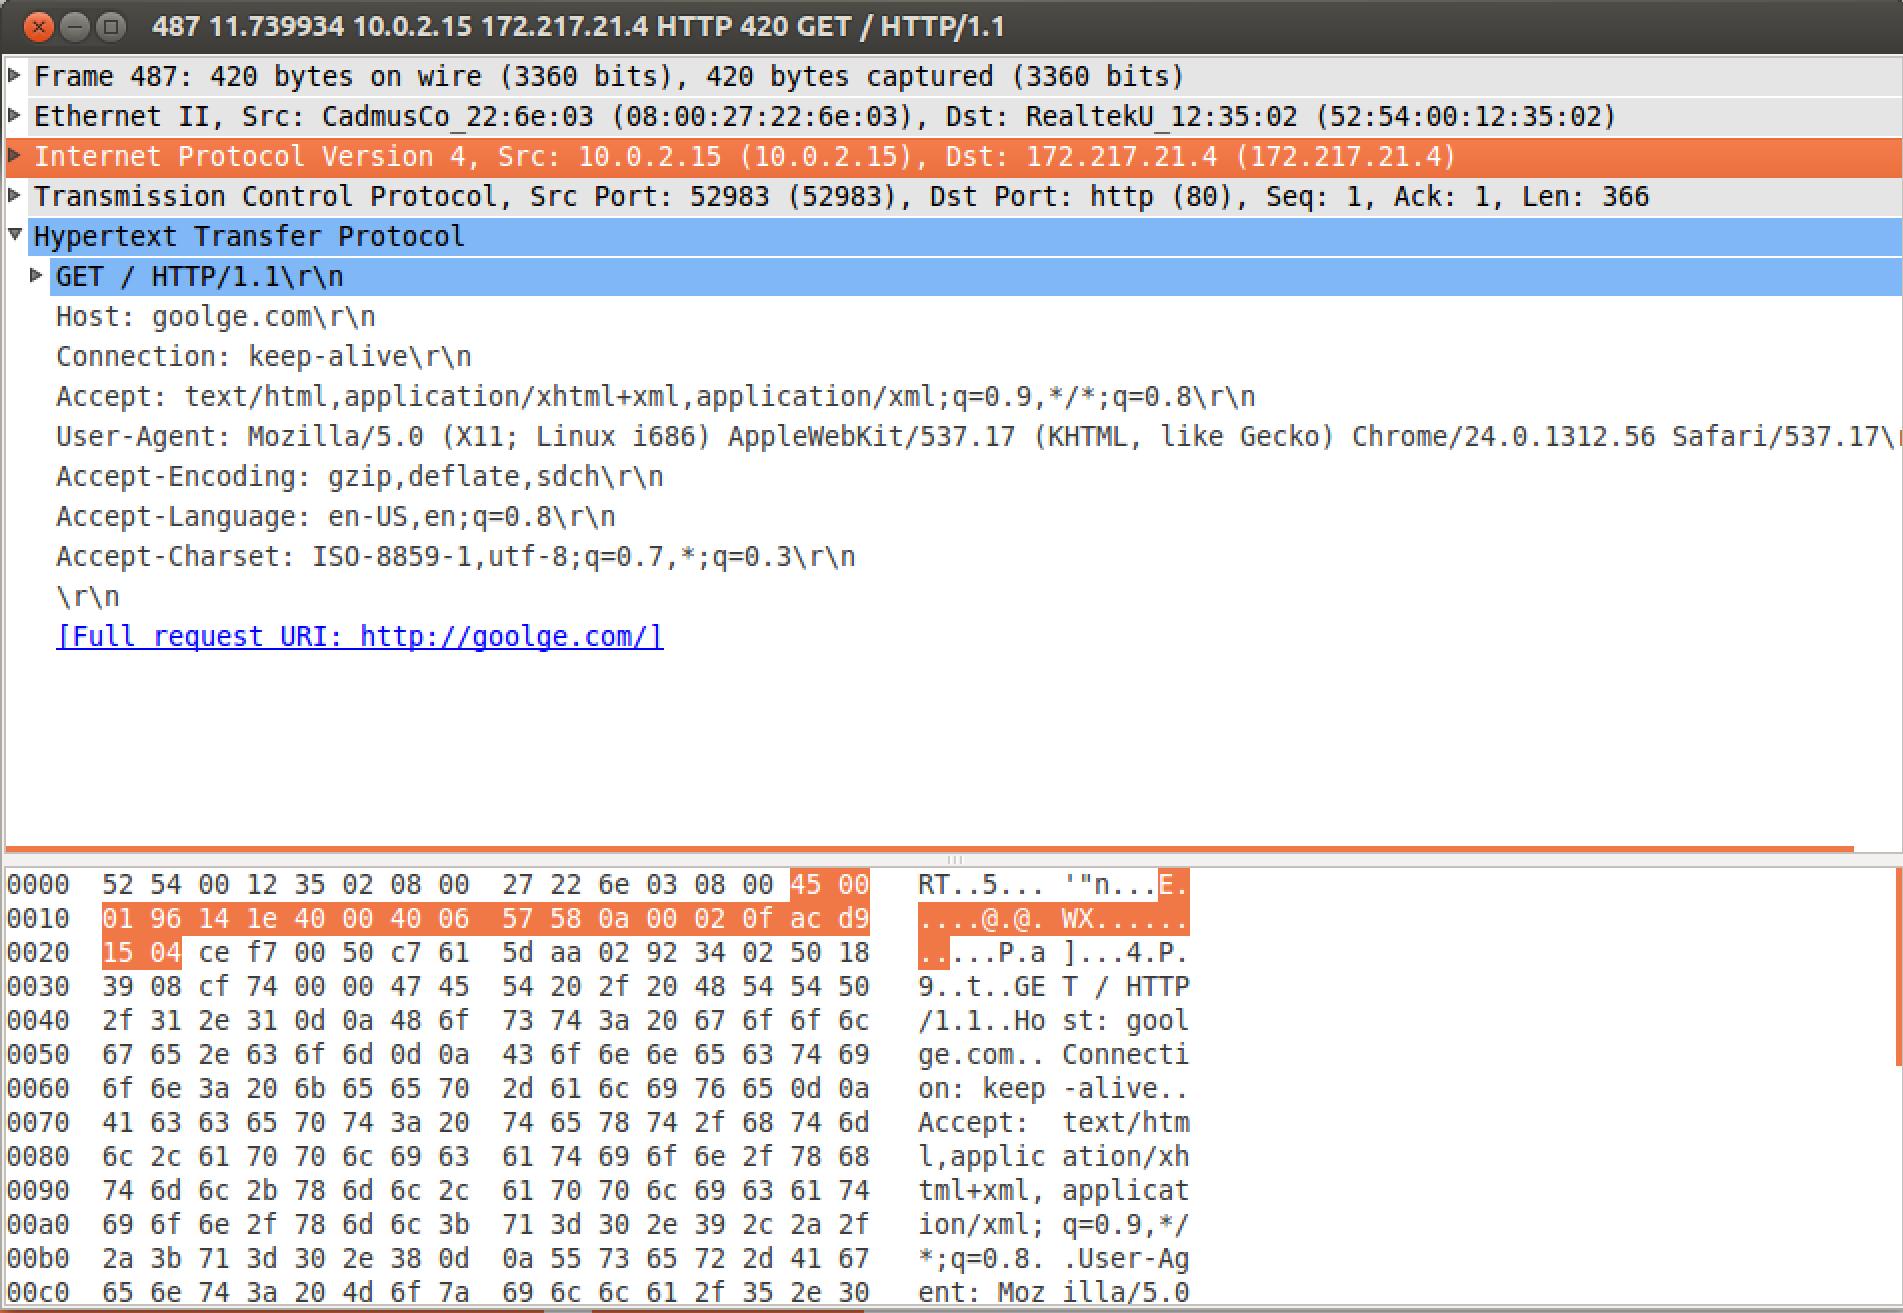 Создание и тестирование Firewall в Linux, Часть 2.1. Введение во вторую часть. Смотрим на сеть и протоколы. Wireshark - 8